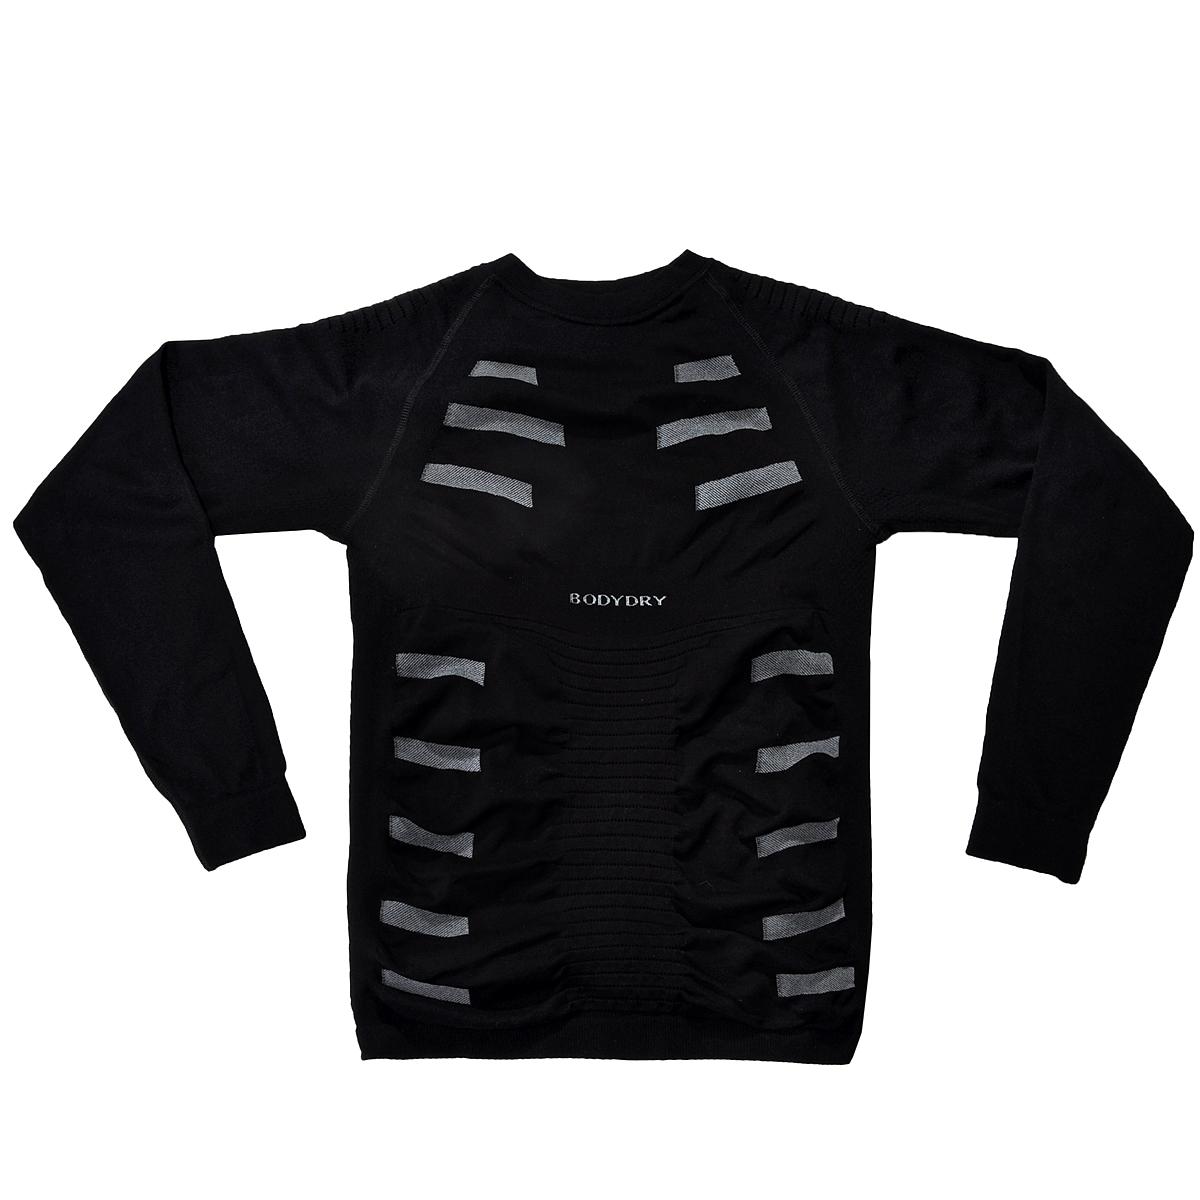 Лонгслив мужской BodyDry Extreme, цвет: черный, серый. УТ-00004802. Размер XL (54/56)